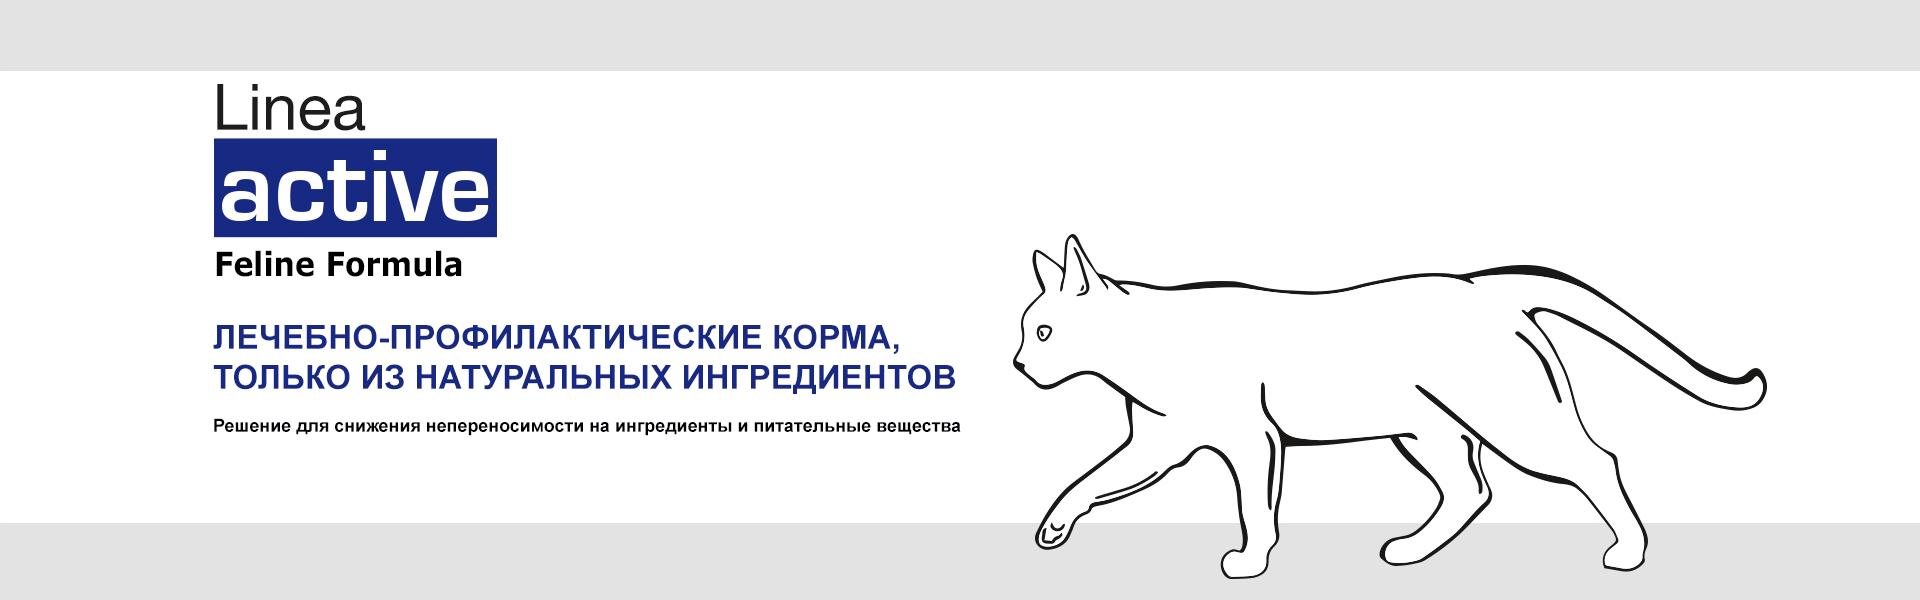 Баннер Форза10 линия АКТИВ кошки